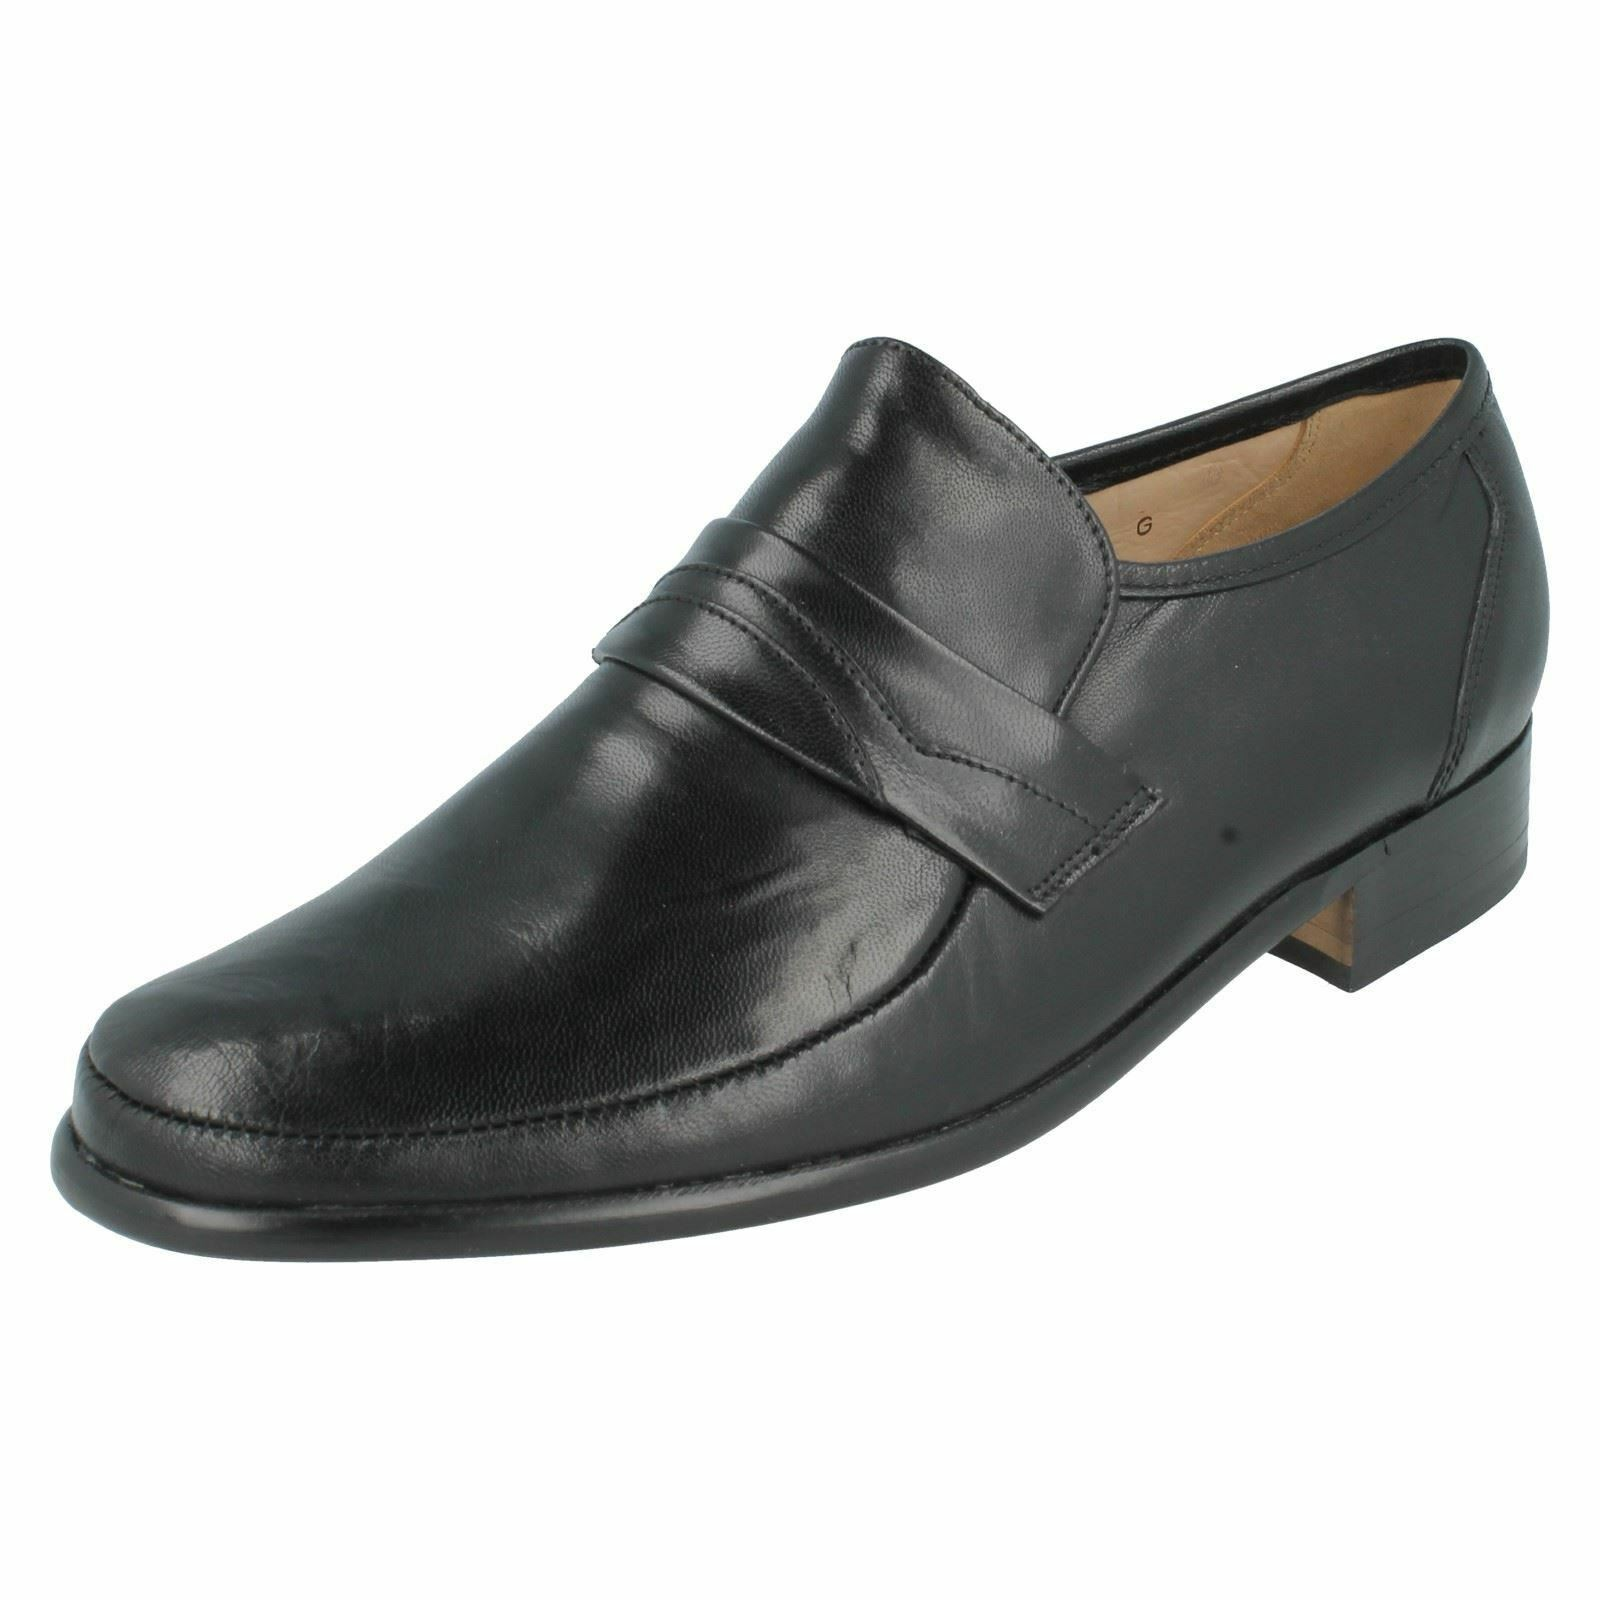 Herren Grenson Förmliche Schuhe G Passform - Swindon